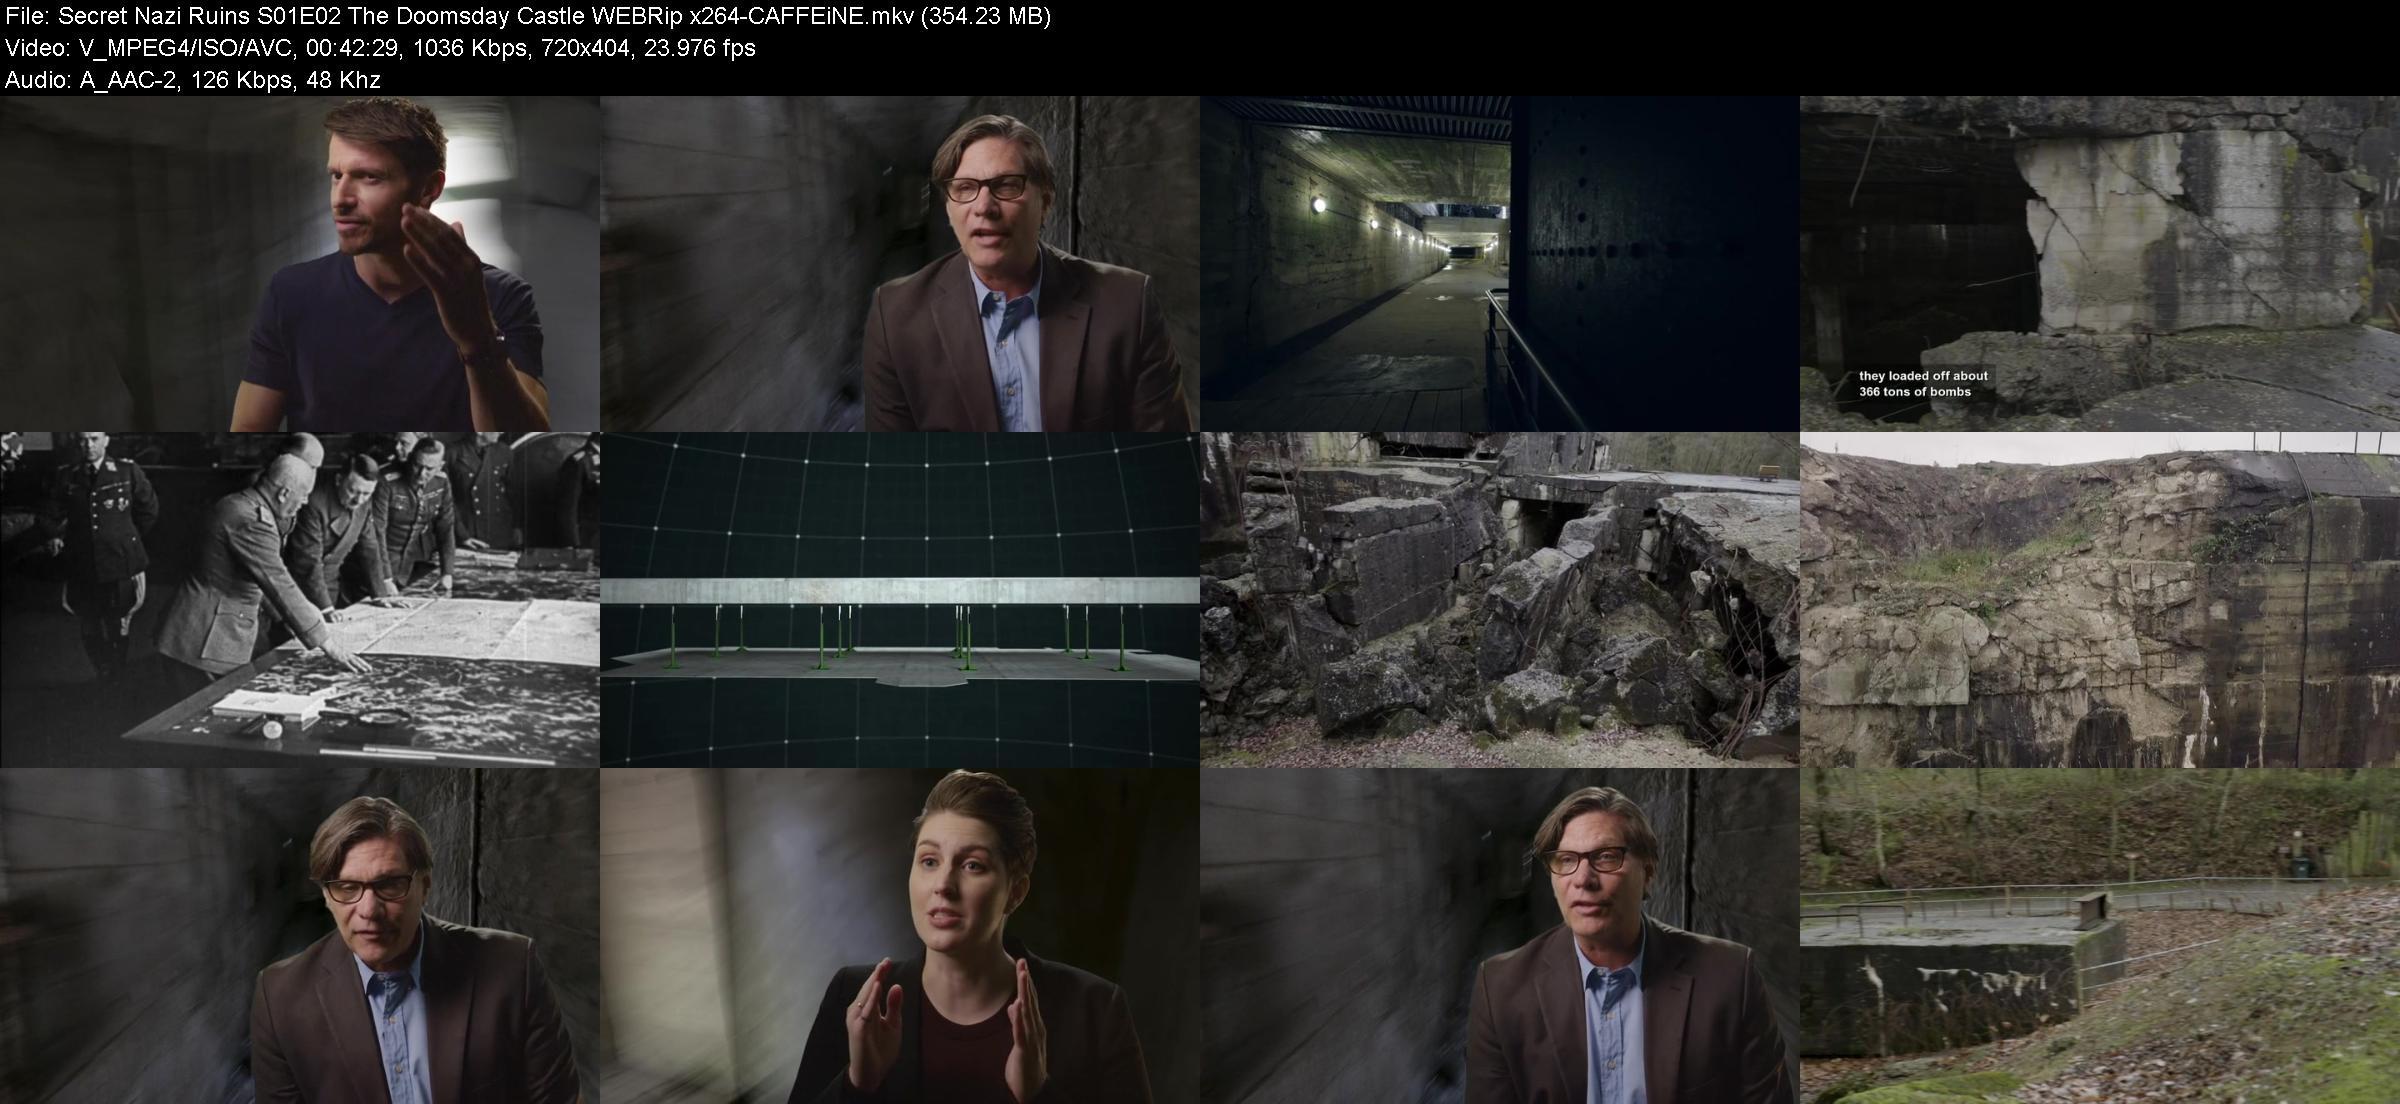 Secret Nazi Ruins S01E02 The Doomsday Castle WEBRip x264-CAFFEiNE